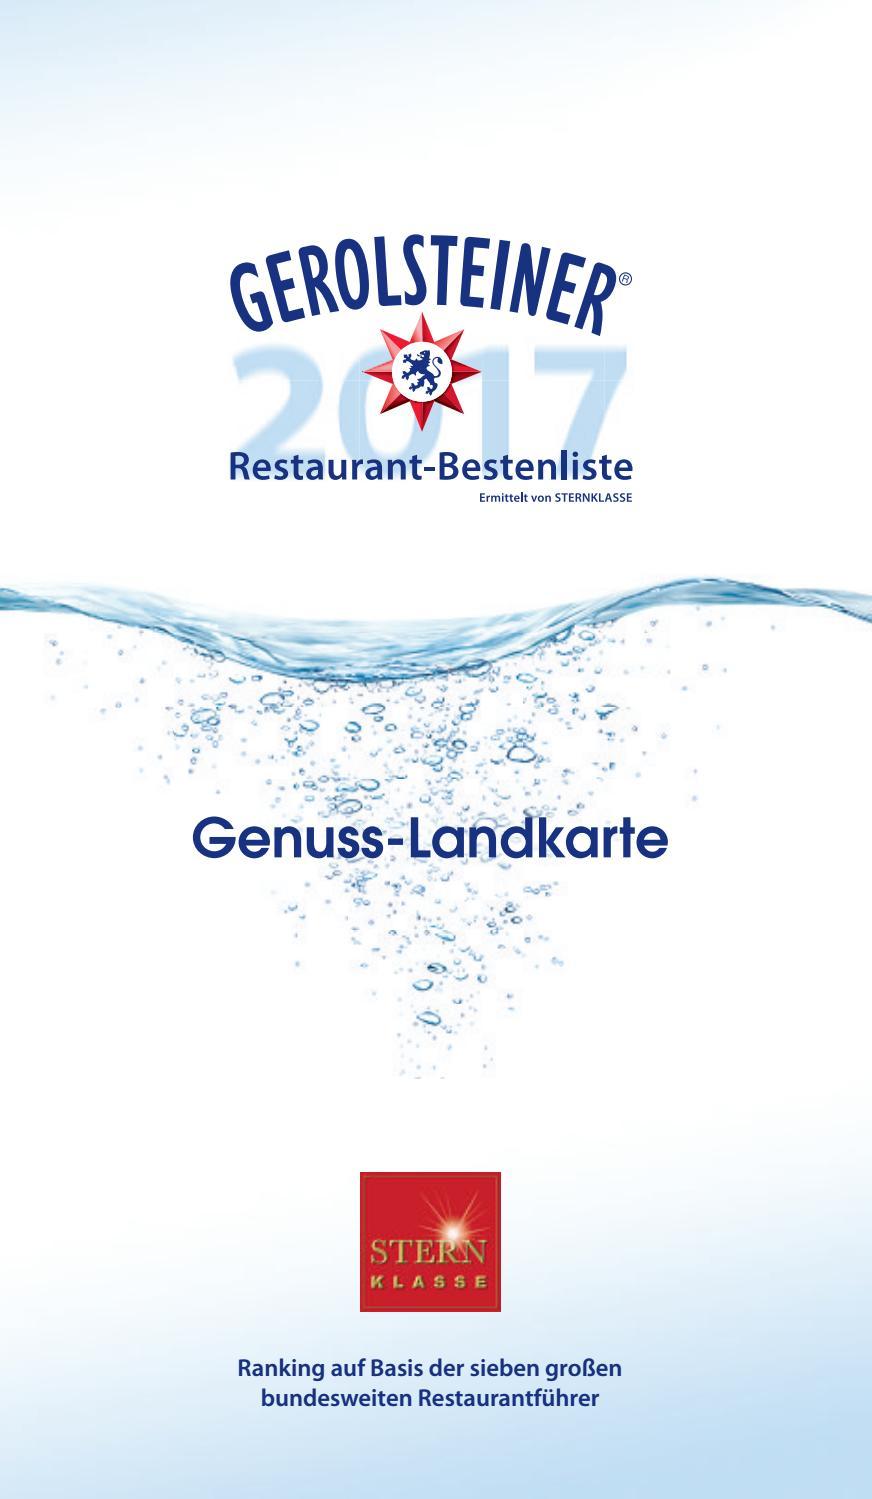 gerolsteiner restaurant-bestenliste 2017gerolsteiner brunnen